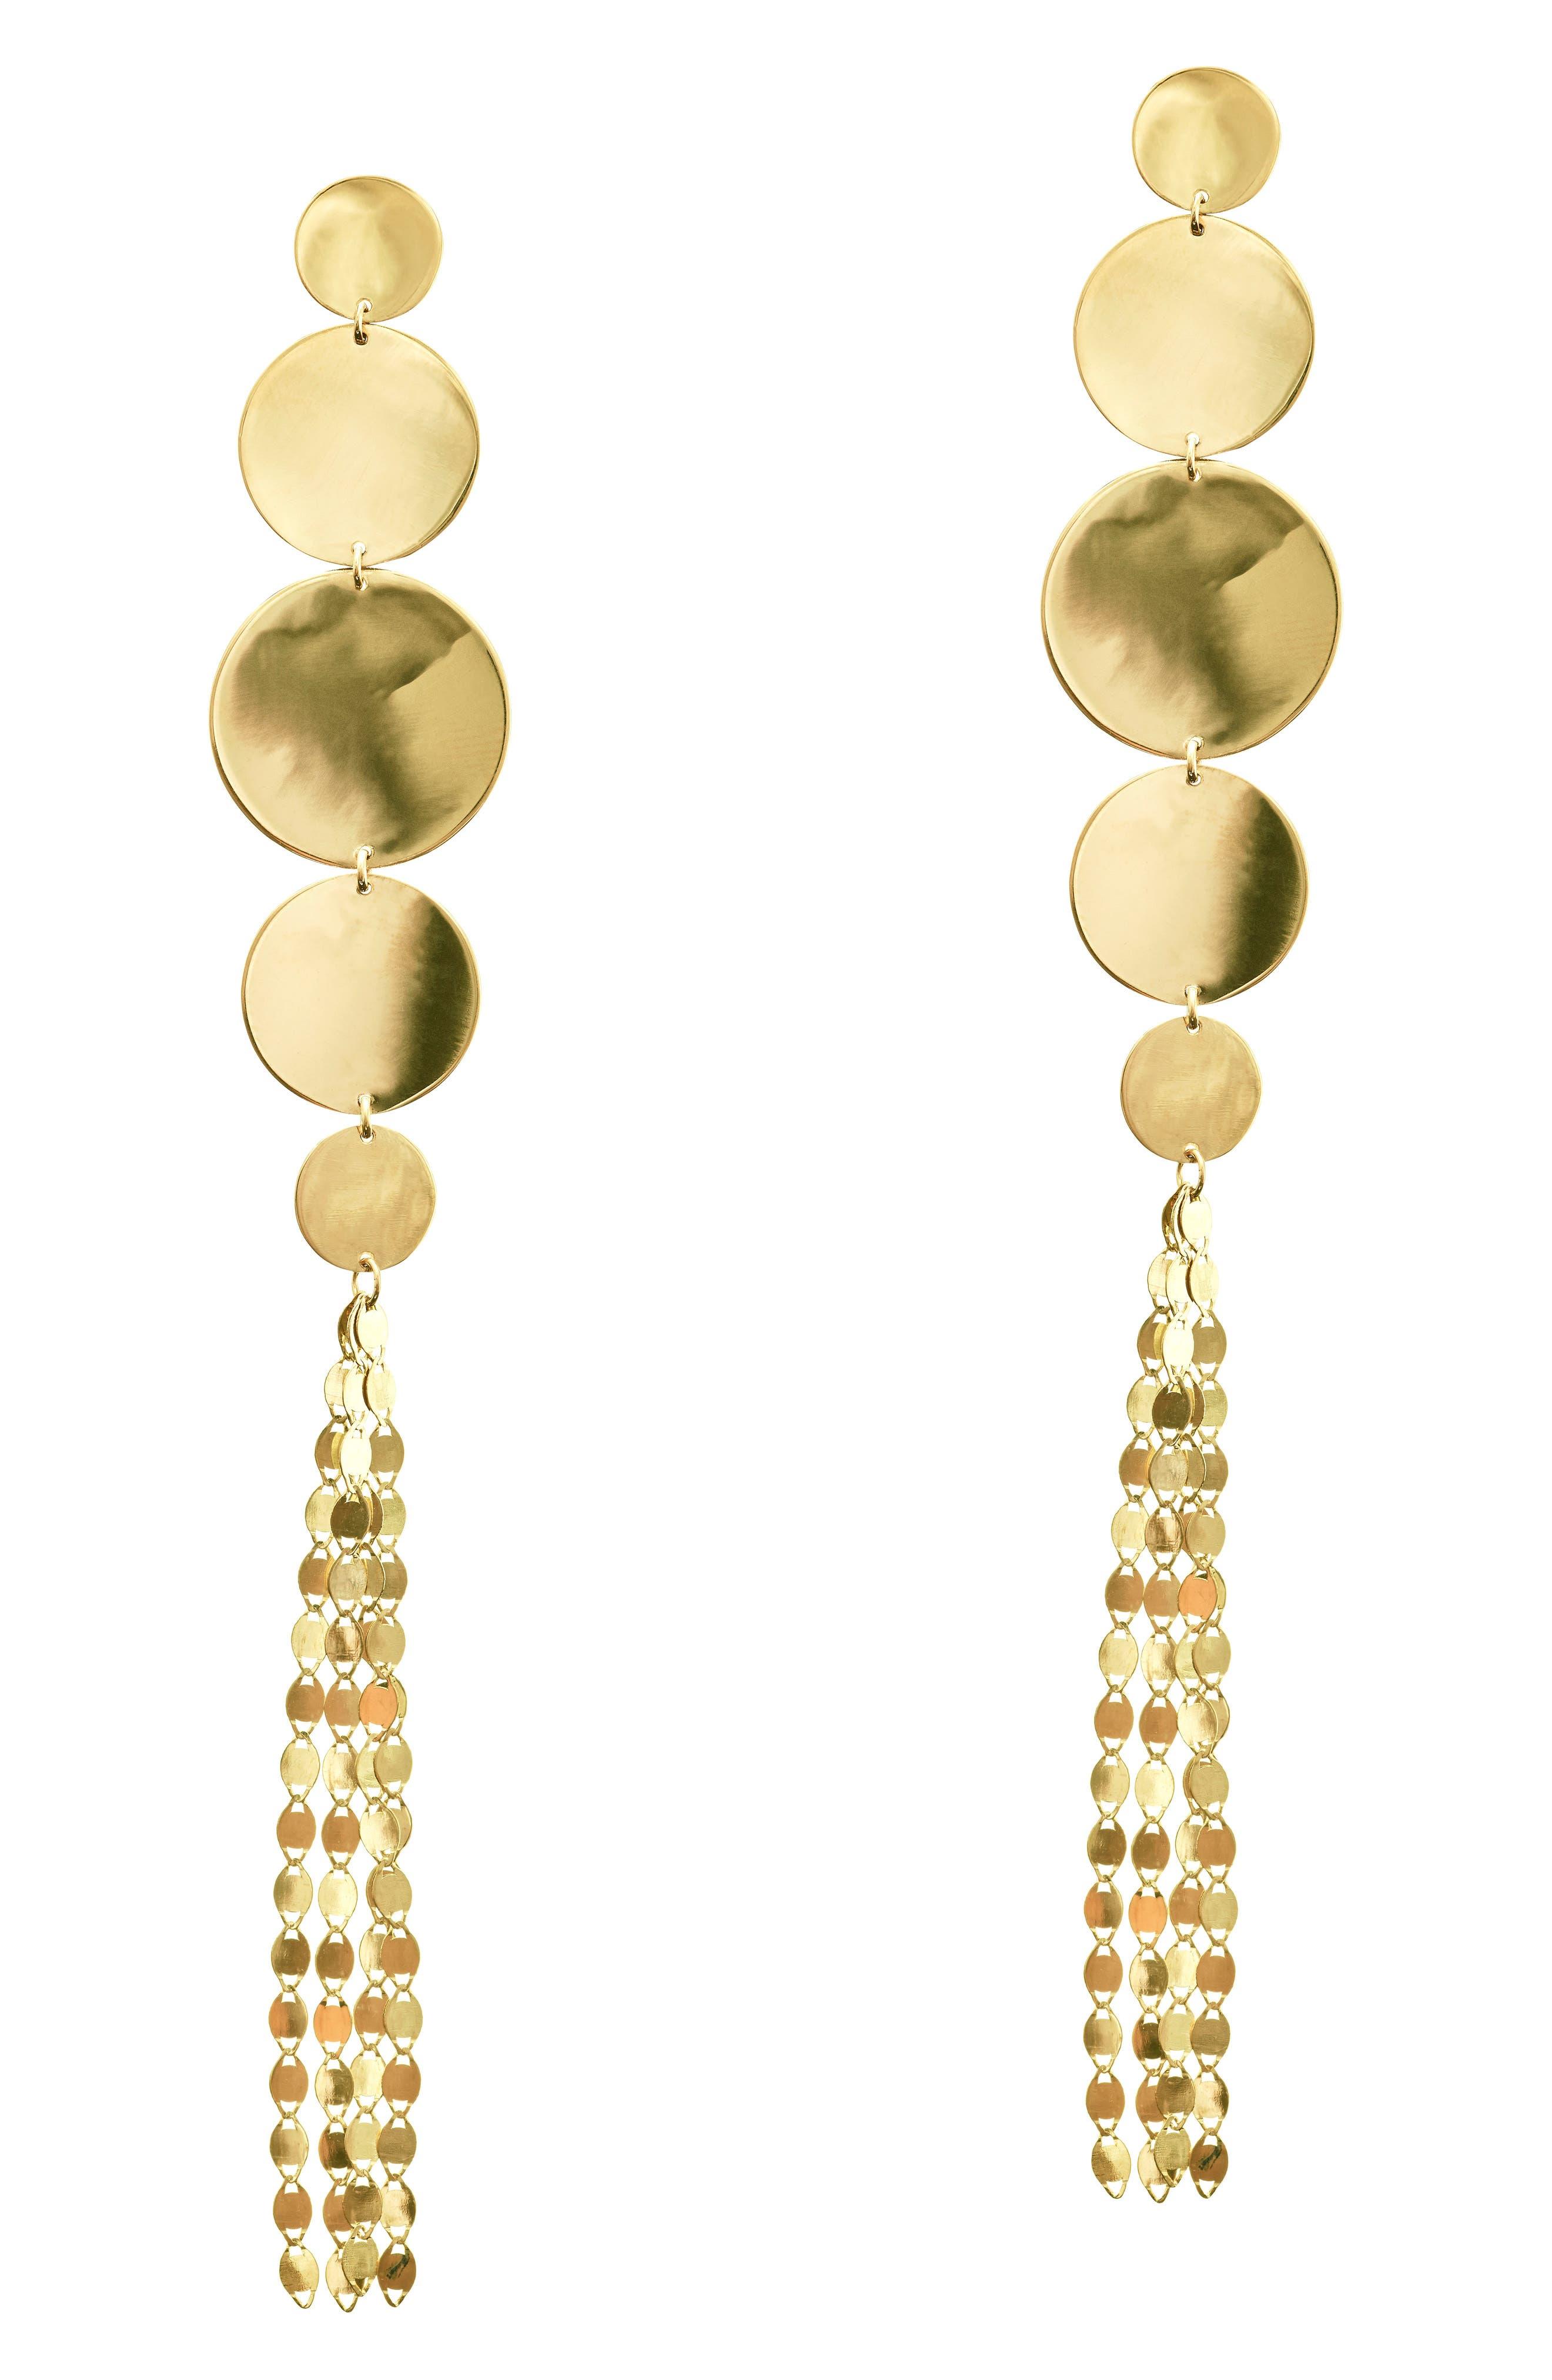 Lana Jewelry Disc Nude Long Drop Earrings